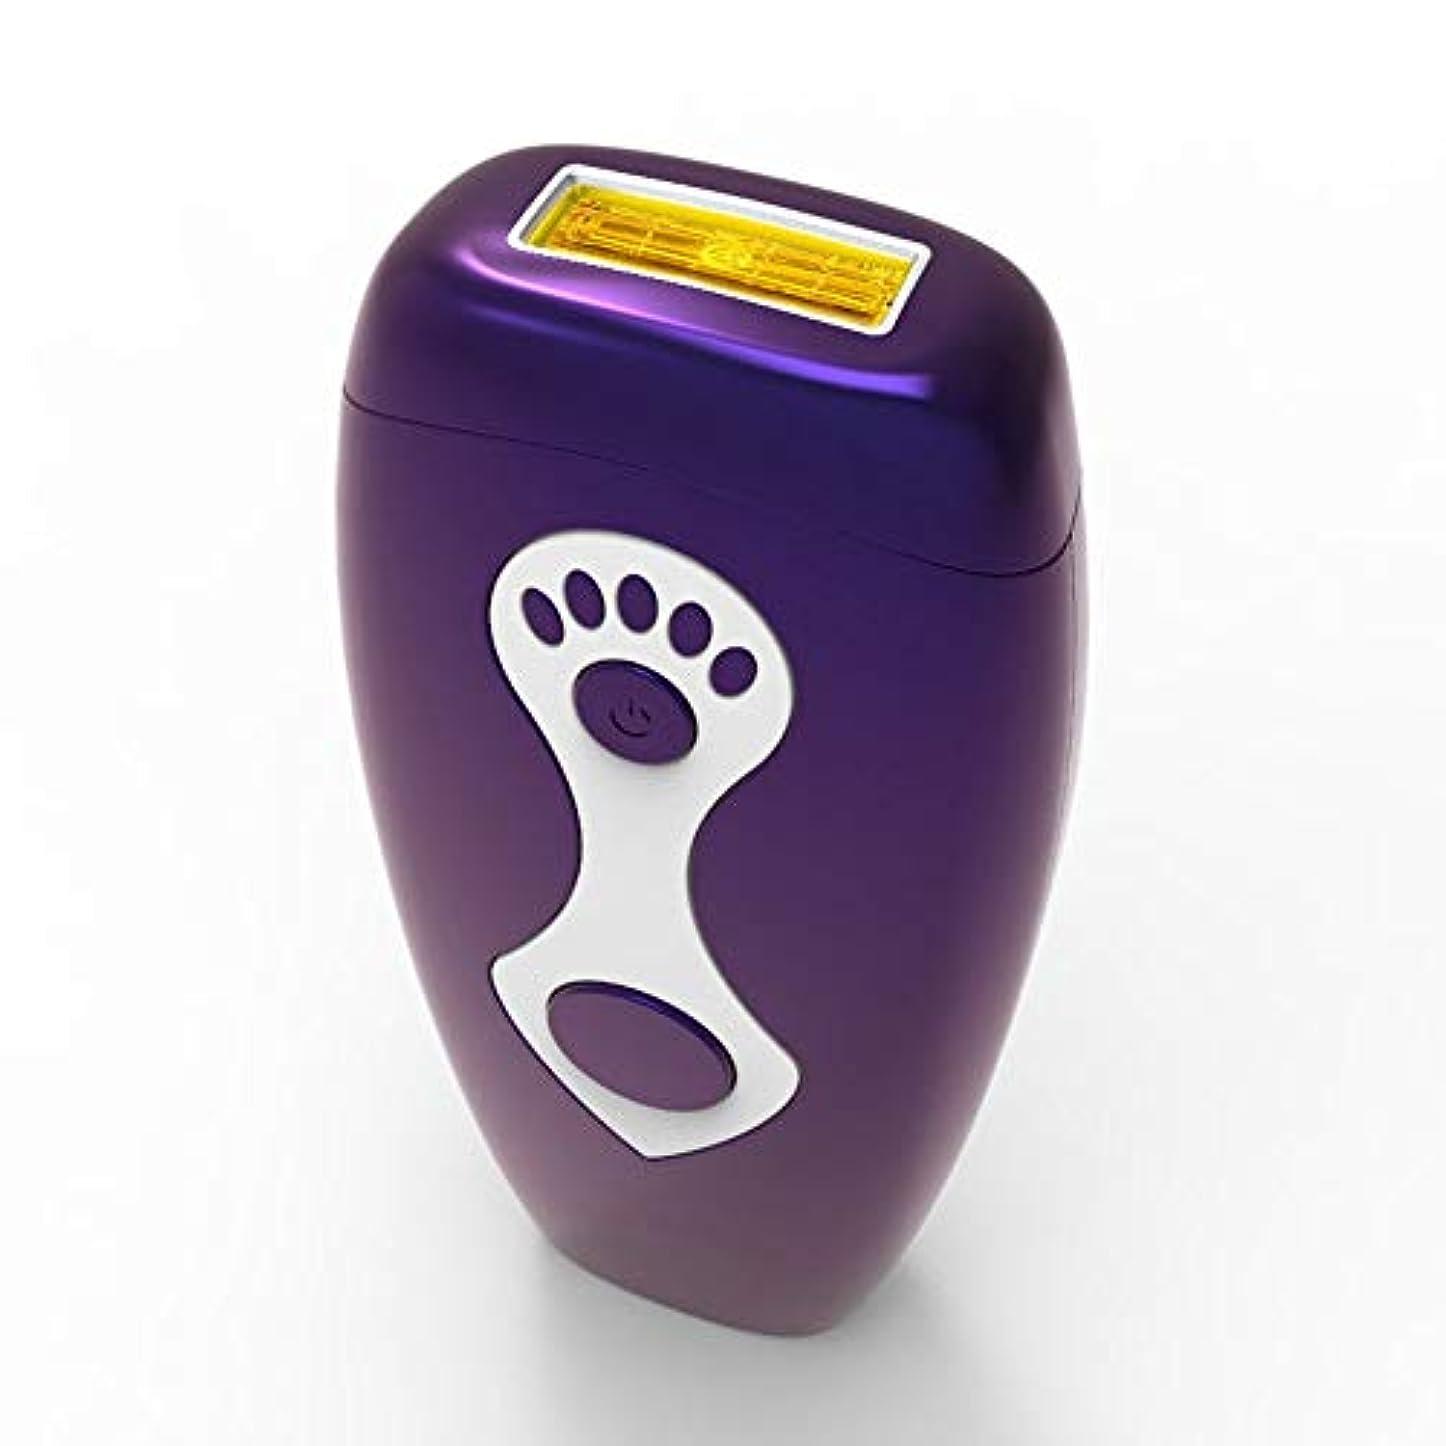 包括的ユーザー走るNuanxin パーマネント脱毛、家庭用ニュートラルヘアリムーバー、柔らかい肌、マルチ運動エネルギー、安全性、グレード5無料調整、サイズ7.5×16.5 Cm F30 (Color : Purple)